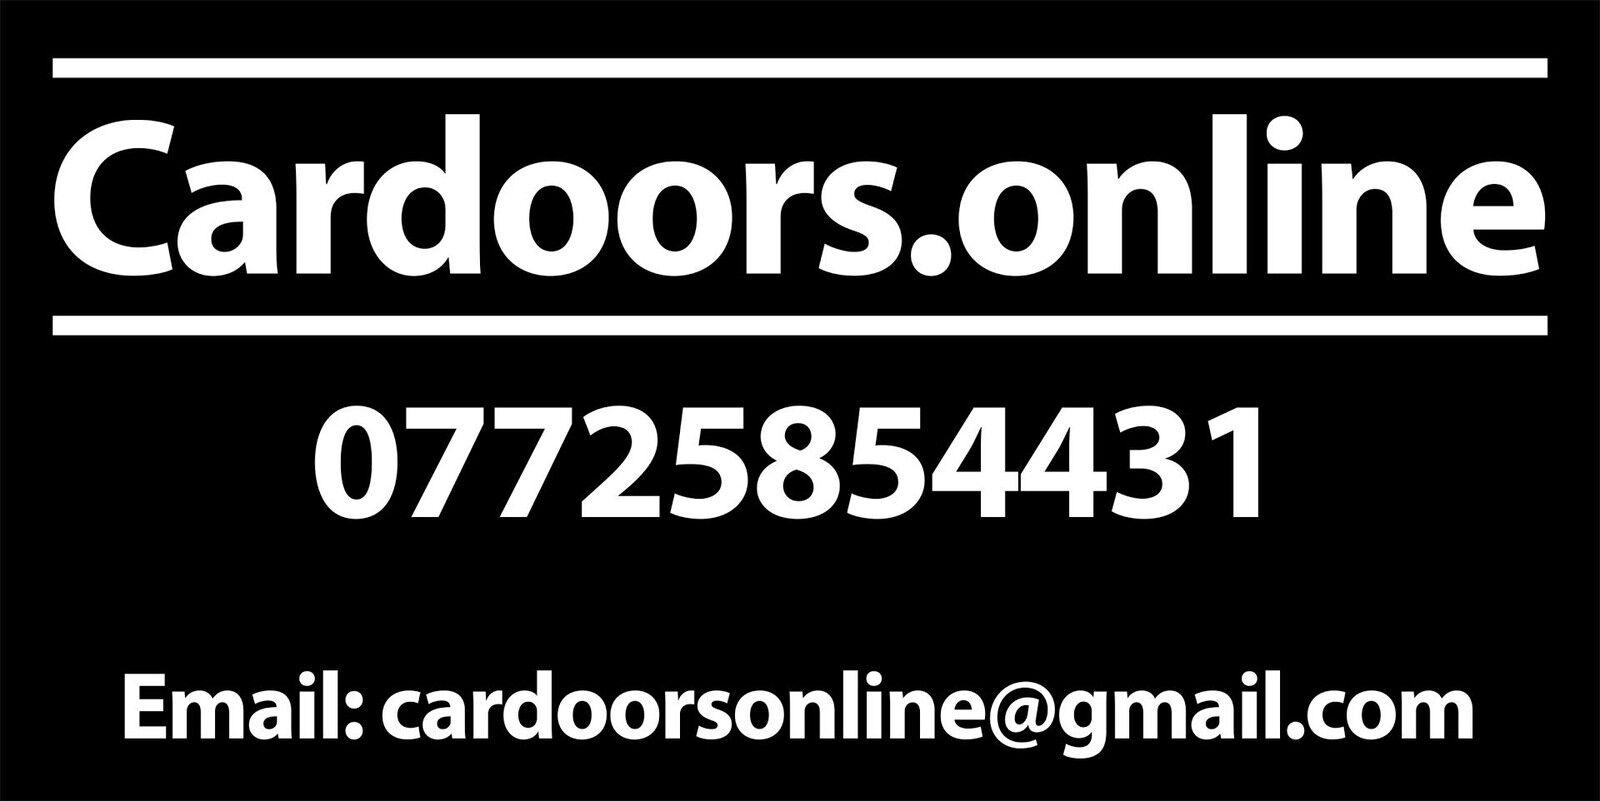 cardoors.online